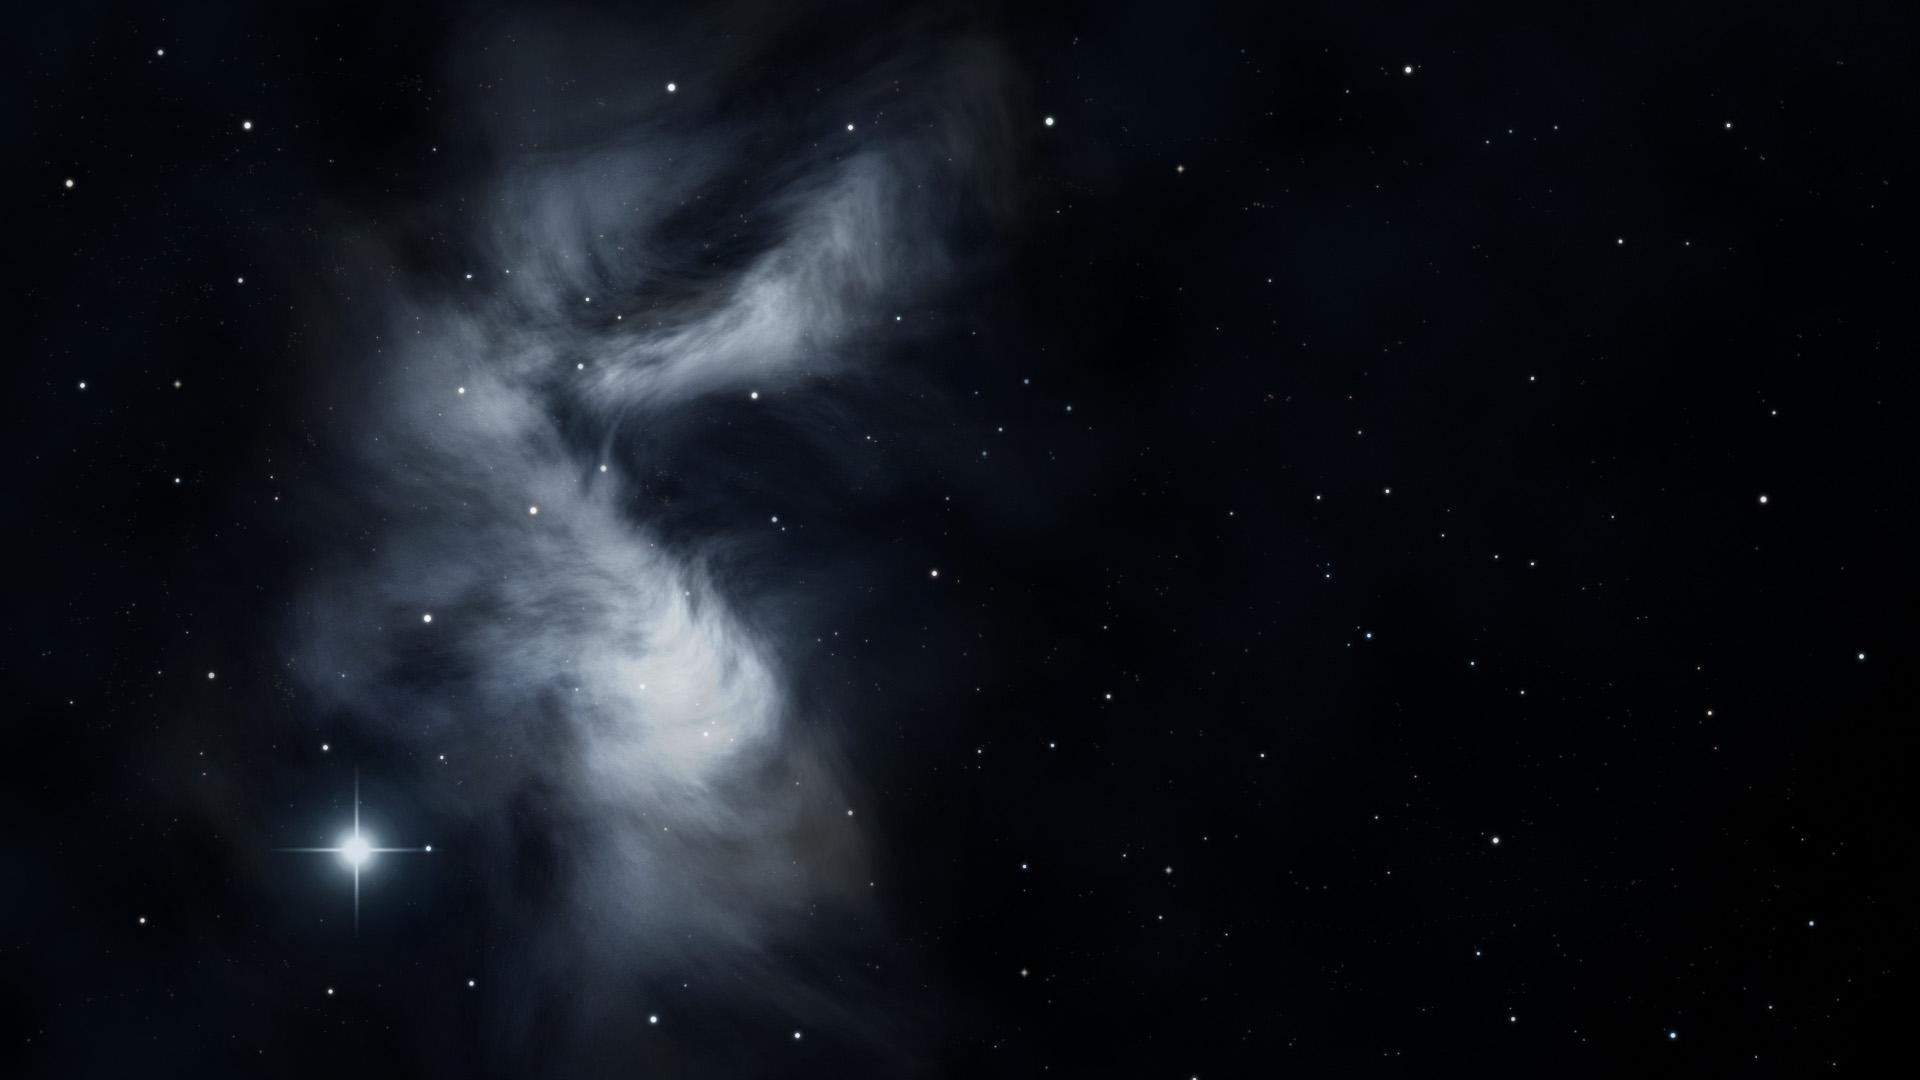 Nebula Background wallpaper   269442 1920x1080